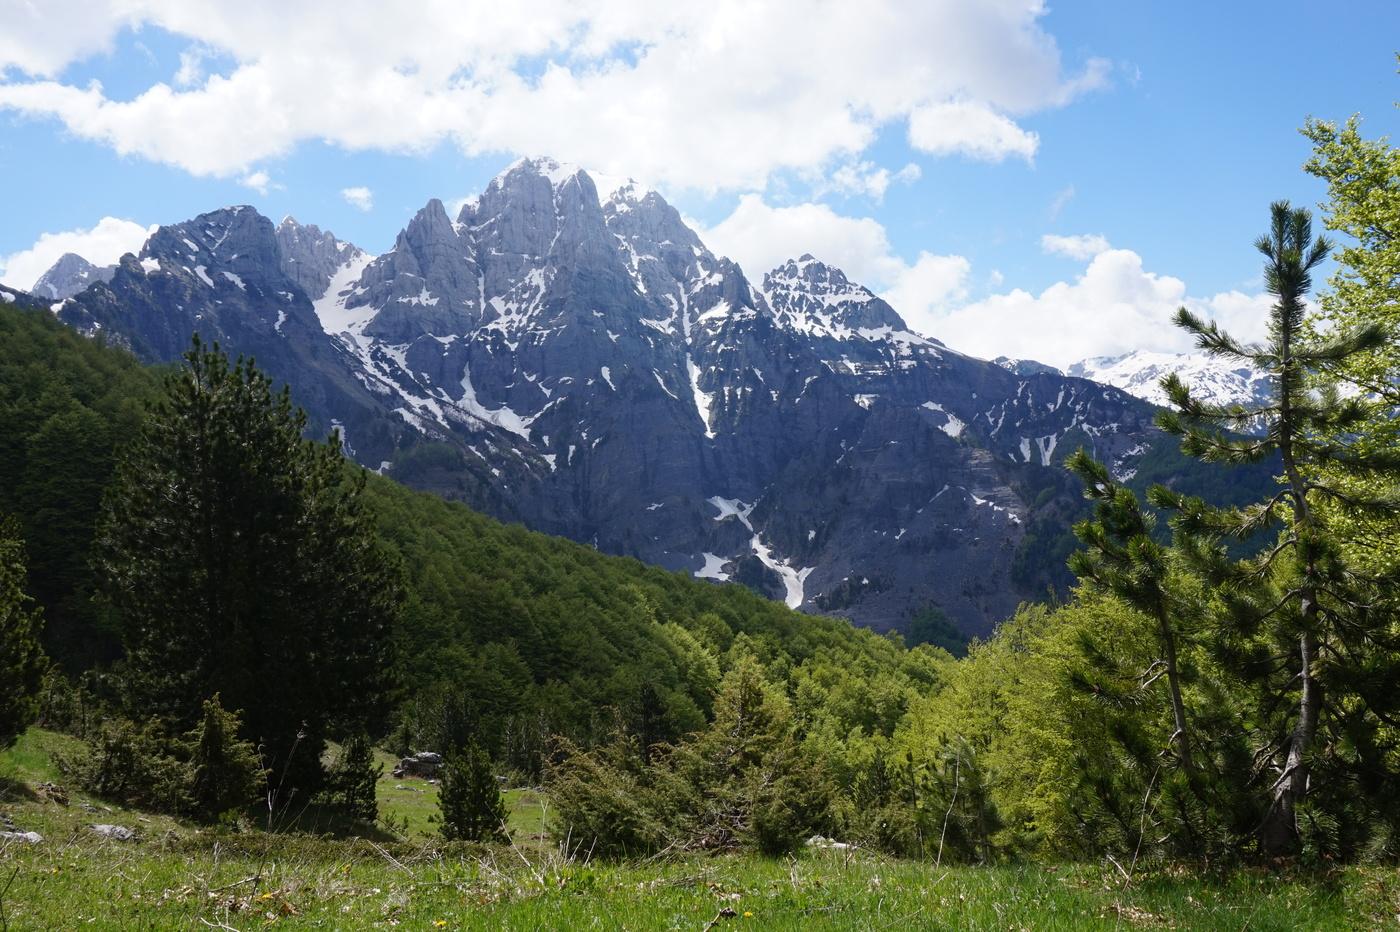 Montagnes enneigées et Alpes en voyage en Albanie